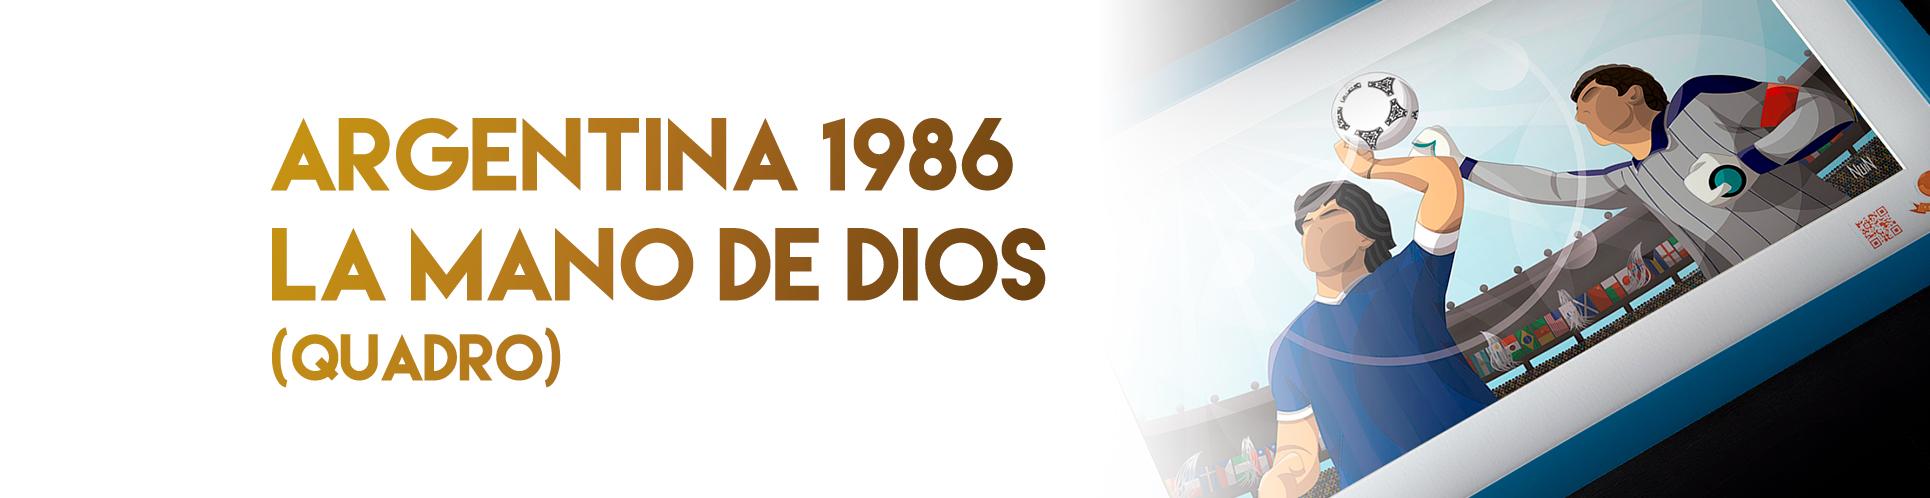 Argentina 1986 (QUADRO)